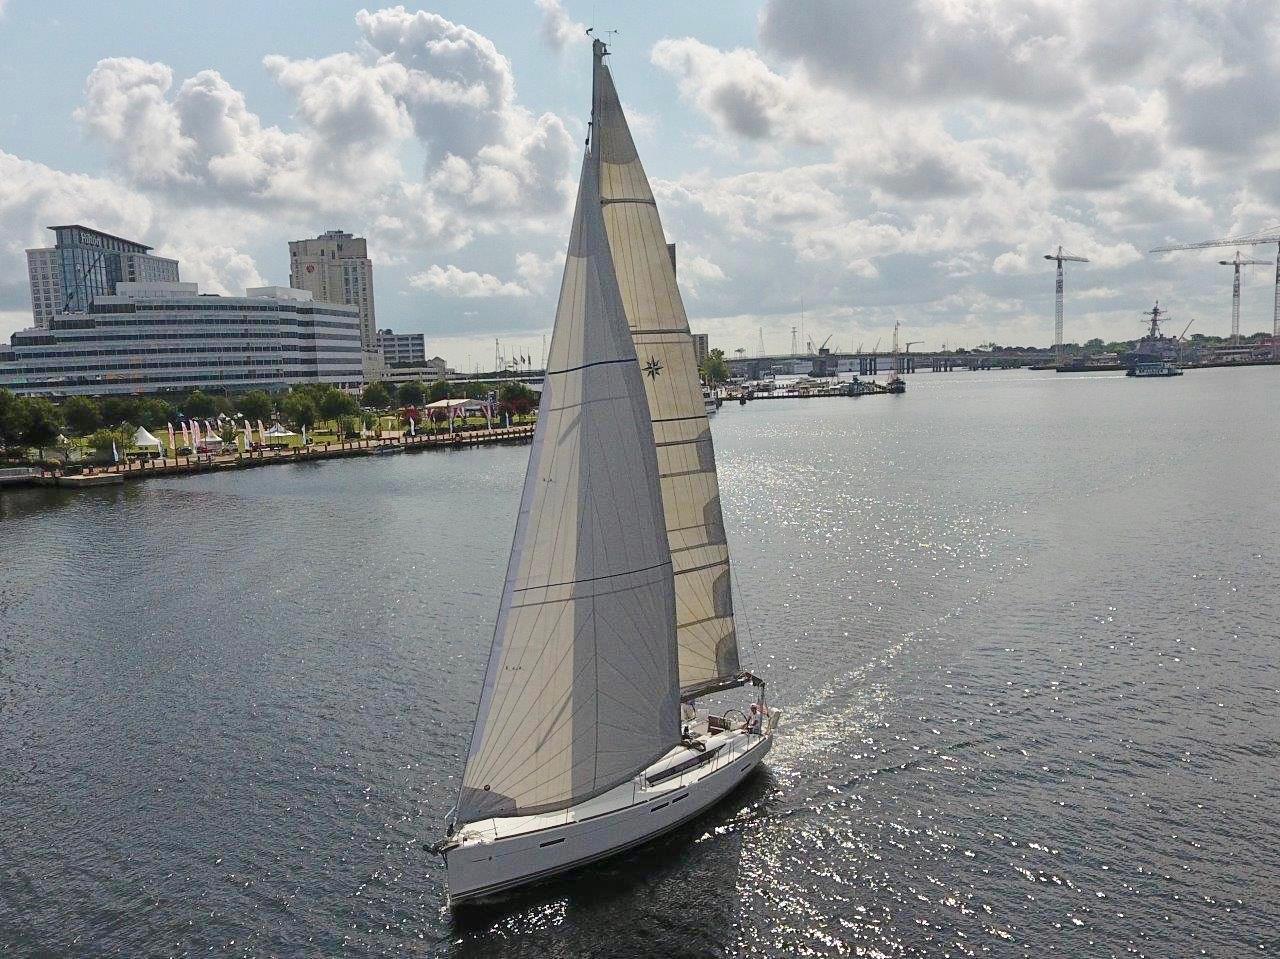 Jeanneau Sun Odyssey 439 Jeanneau 439 Sailing